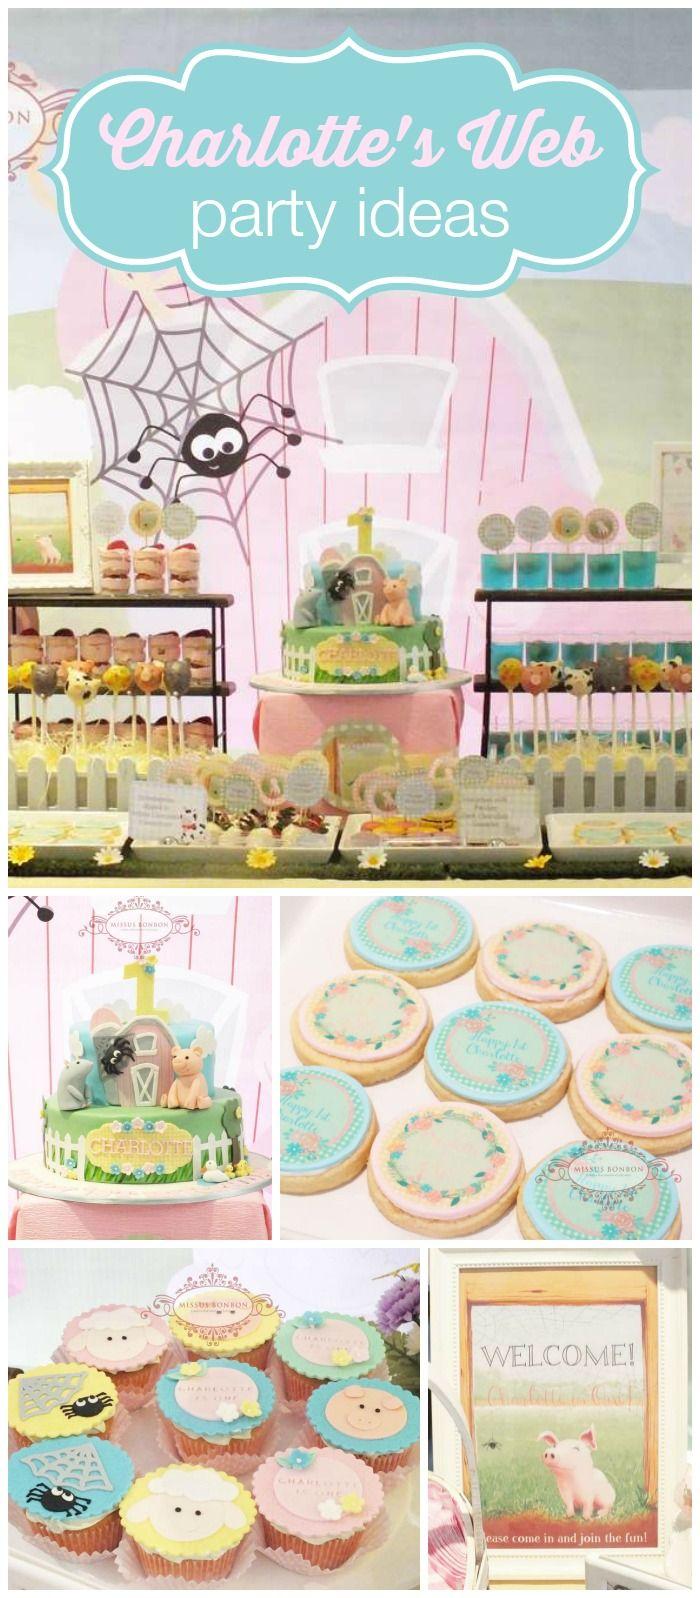 Photo of Eine Charlotte's Web Girl Geburtstagsfeier in Pastell und Gingham mit rosa und blau …